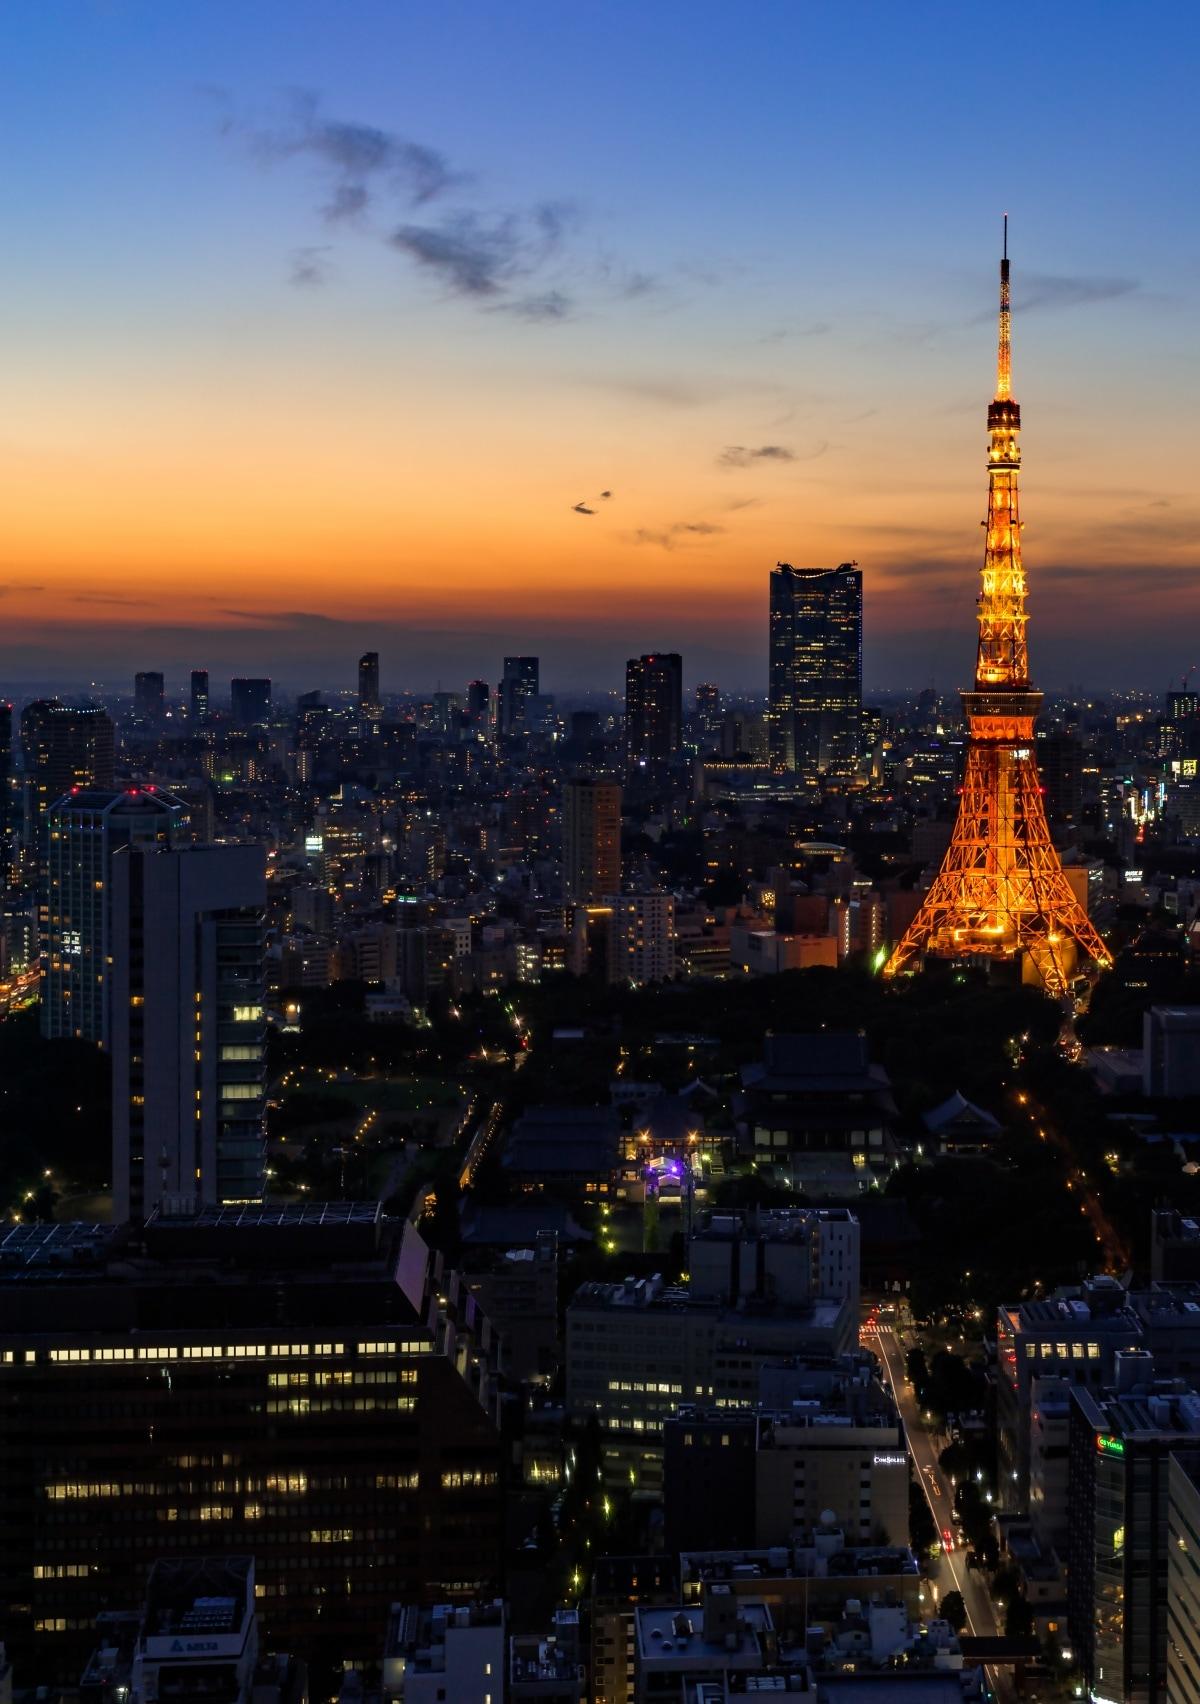 อันดับ1 โตเกียว (76,600เยน)